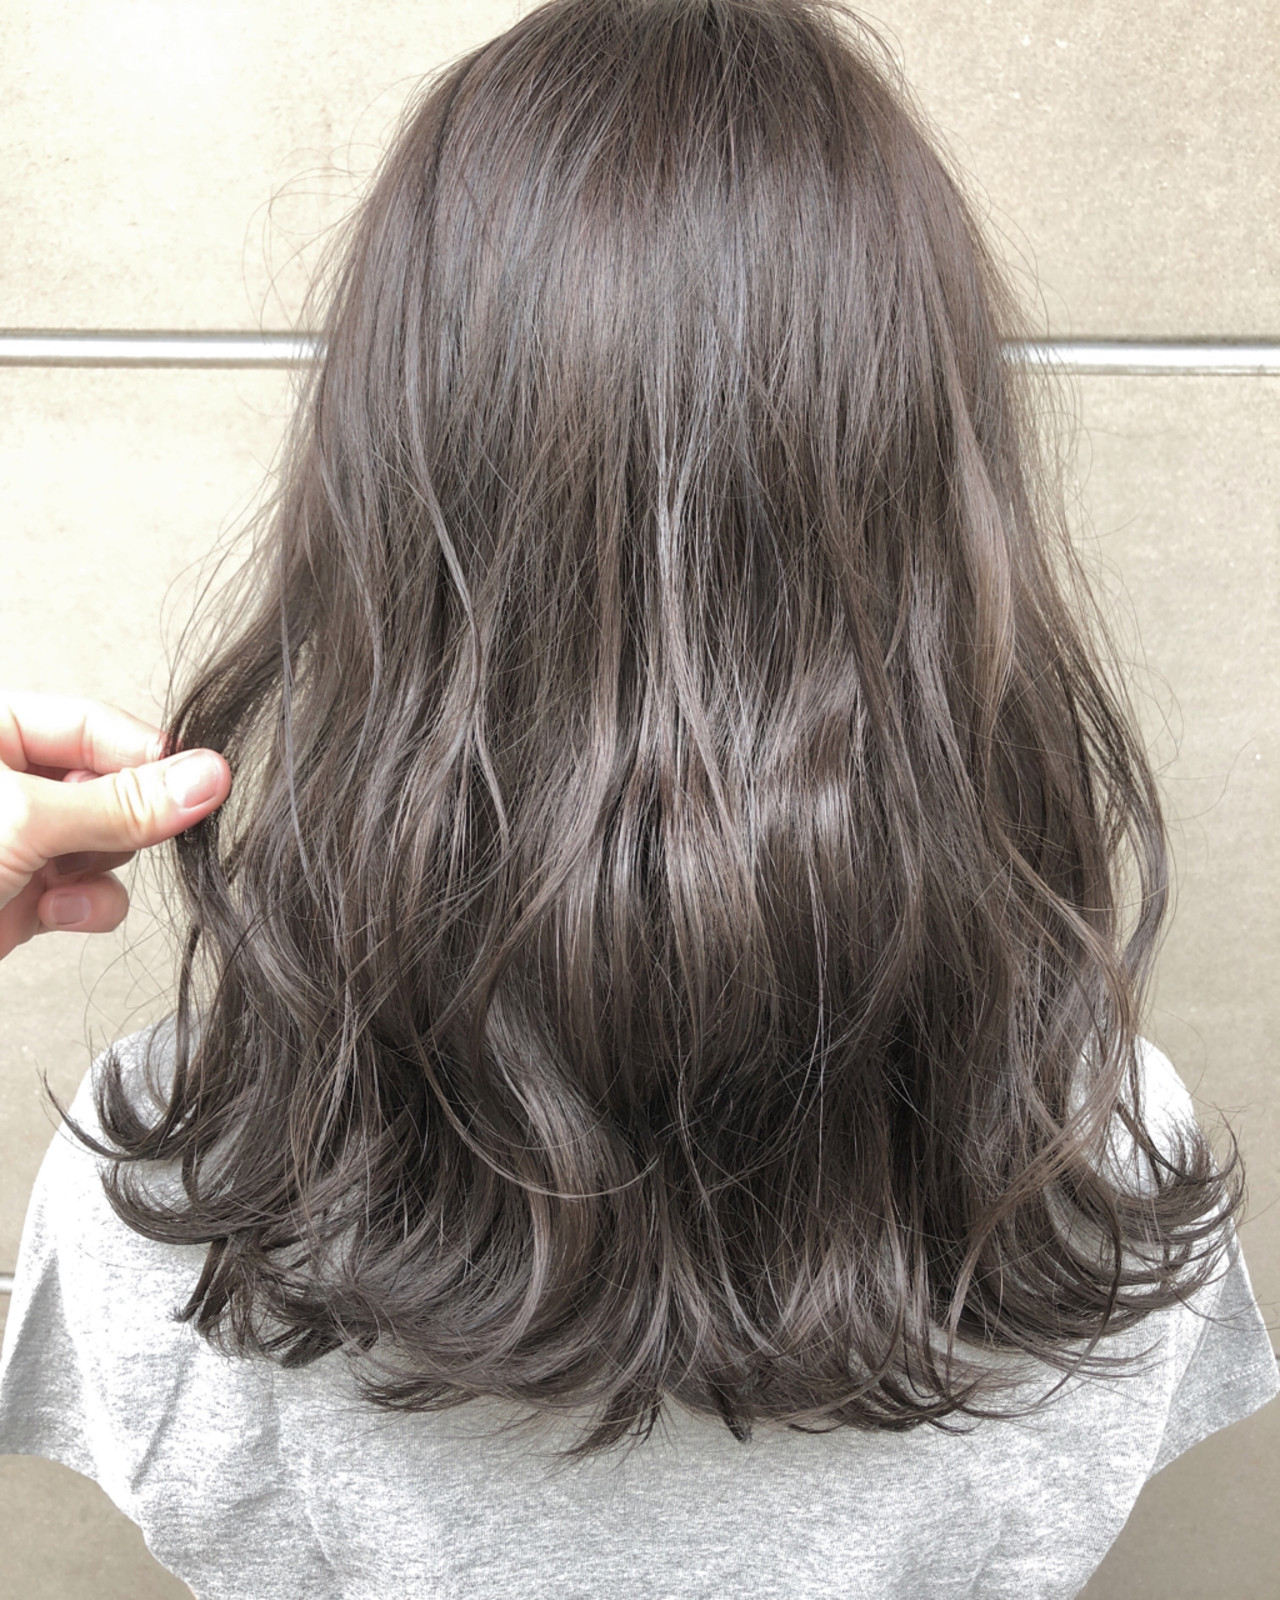 ミディアム 結婚式 ナチュラル 簡単ヘアアレンジヘアスタイルや髪型の写真・画像